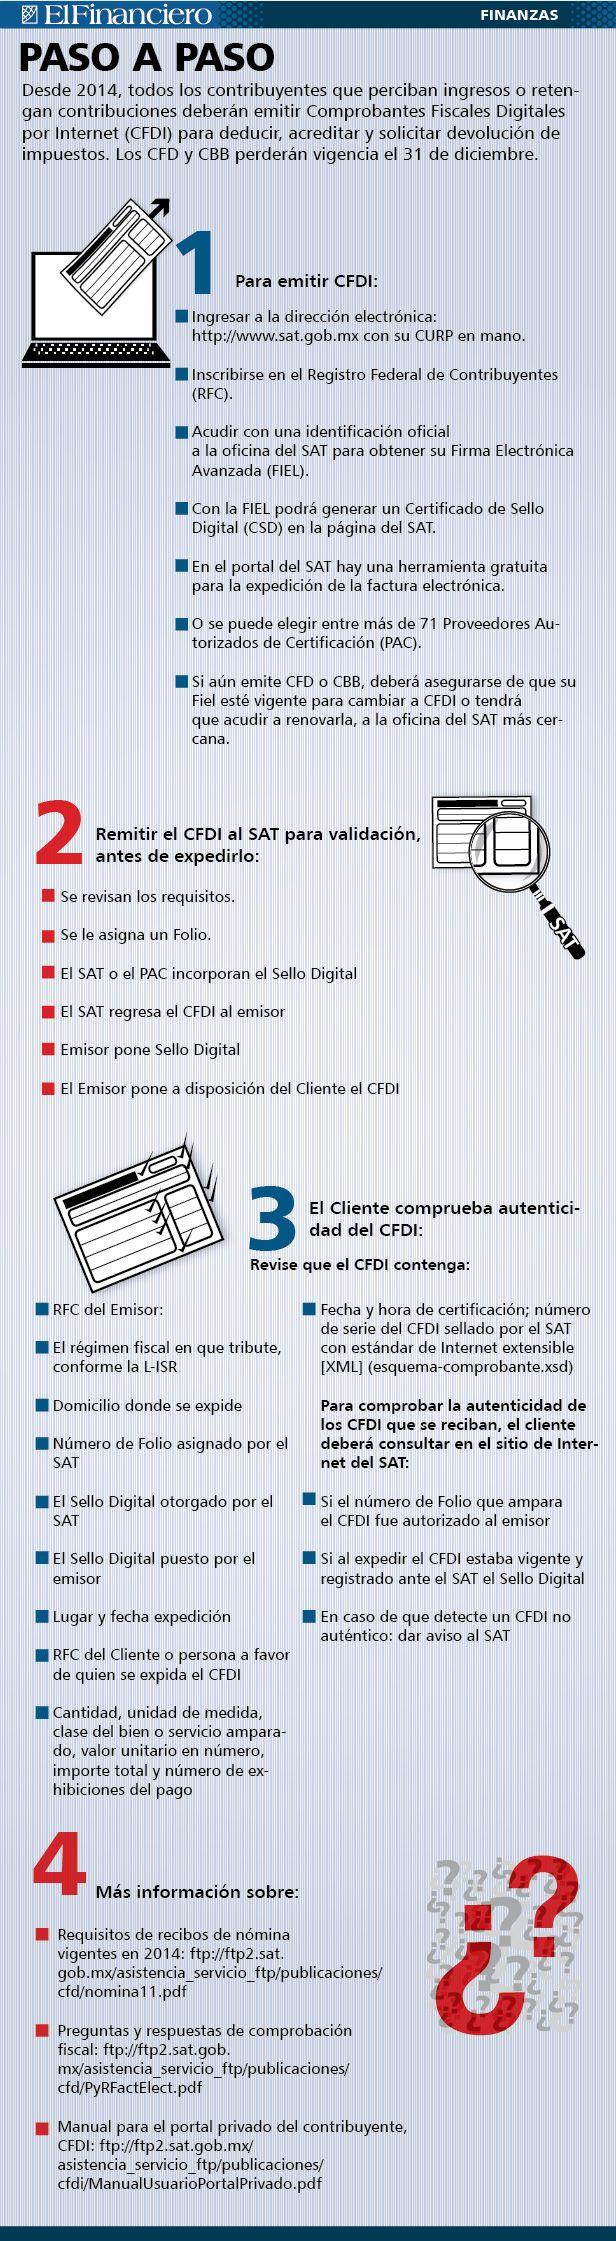 Esto es lo que tendrás que hacer, si en el 2014 recibirás Comprobantes Fiscales Digitales por Internet (CFDI). 3 de diciembre 2013.